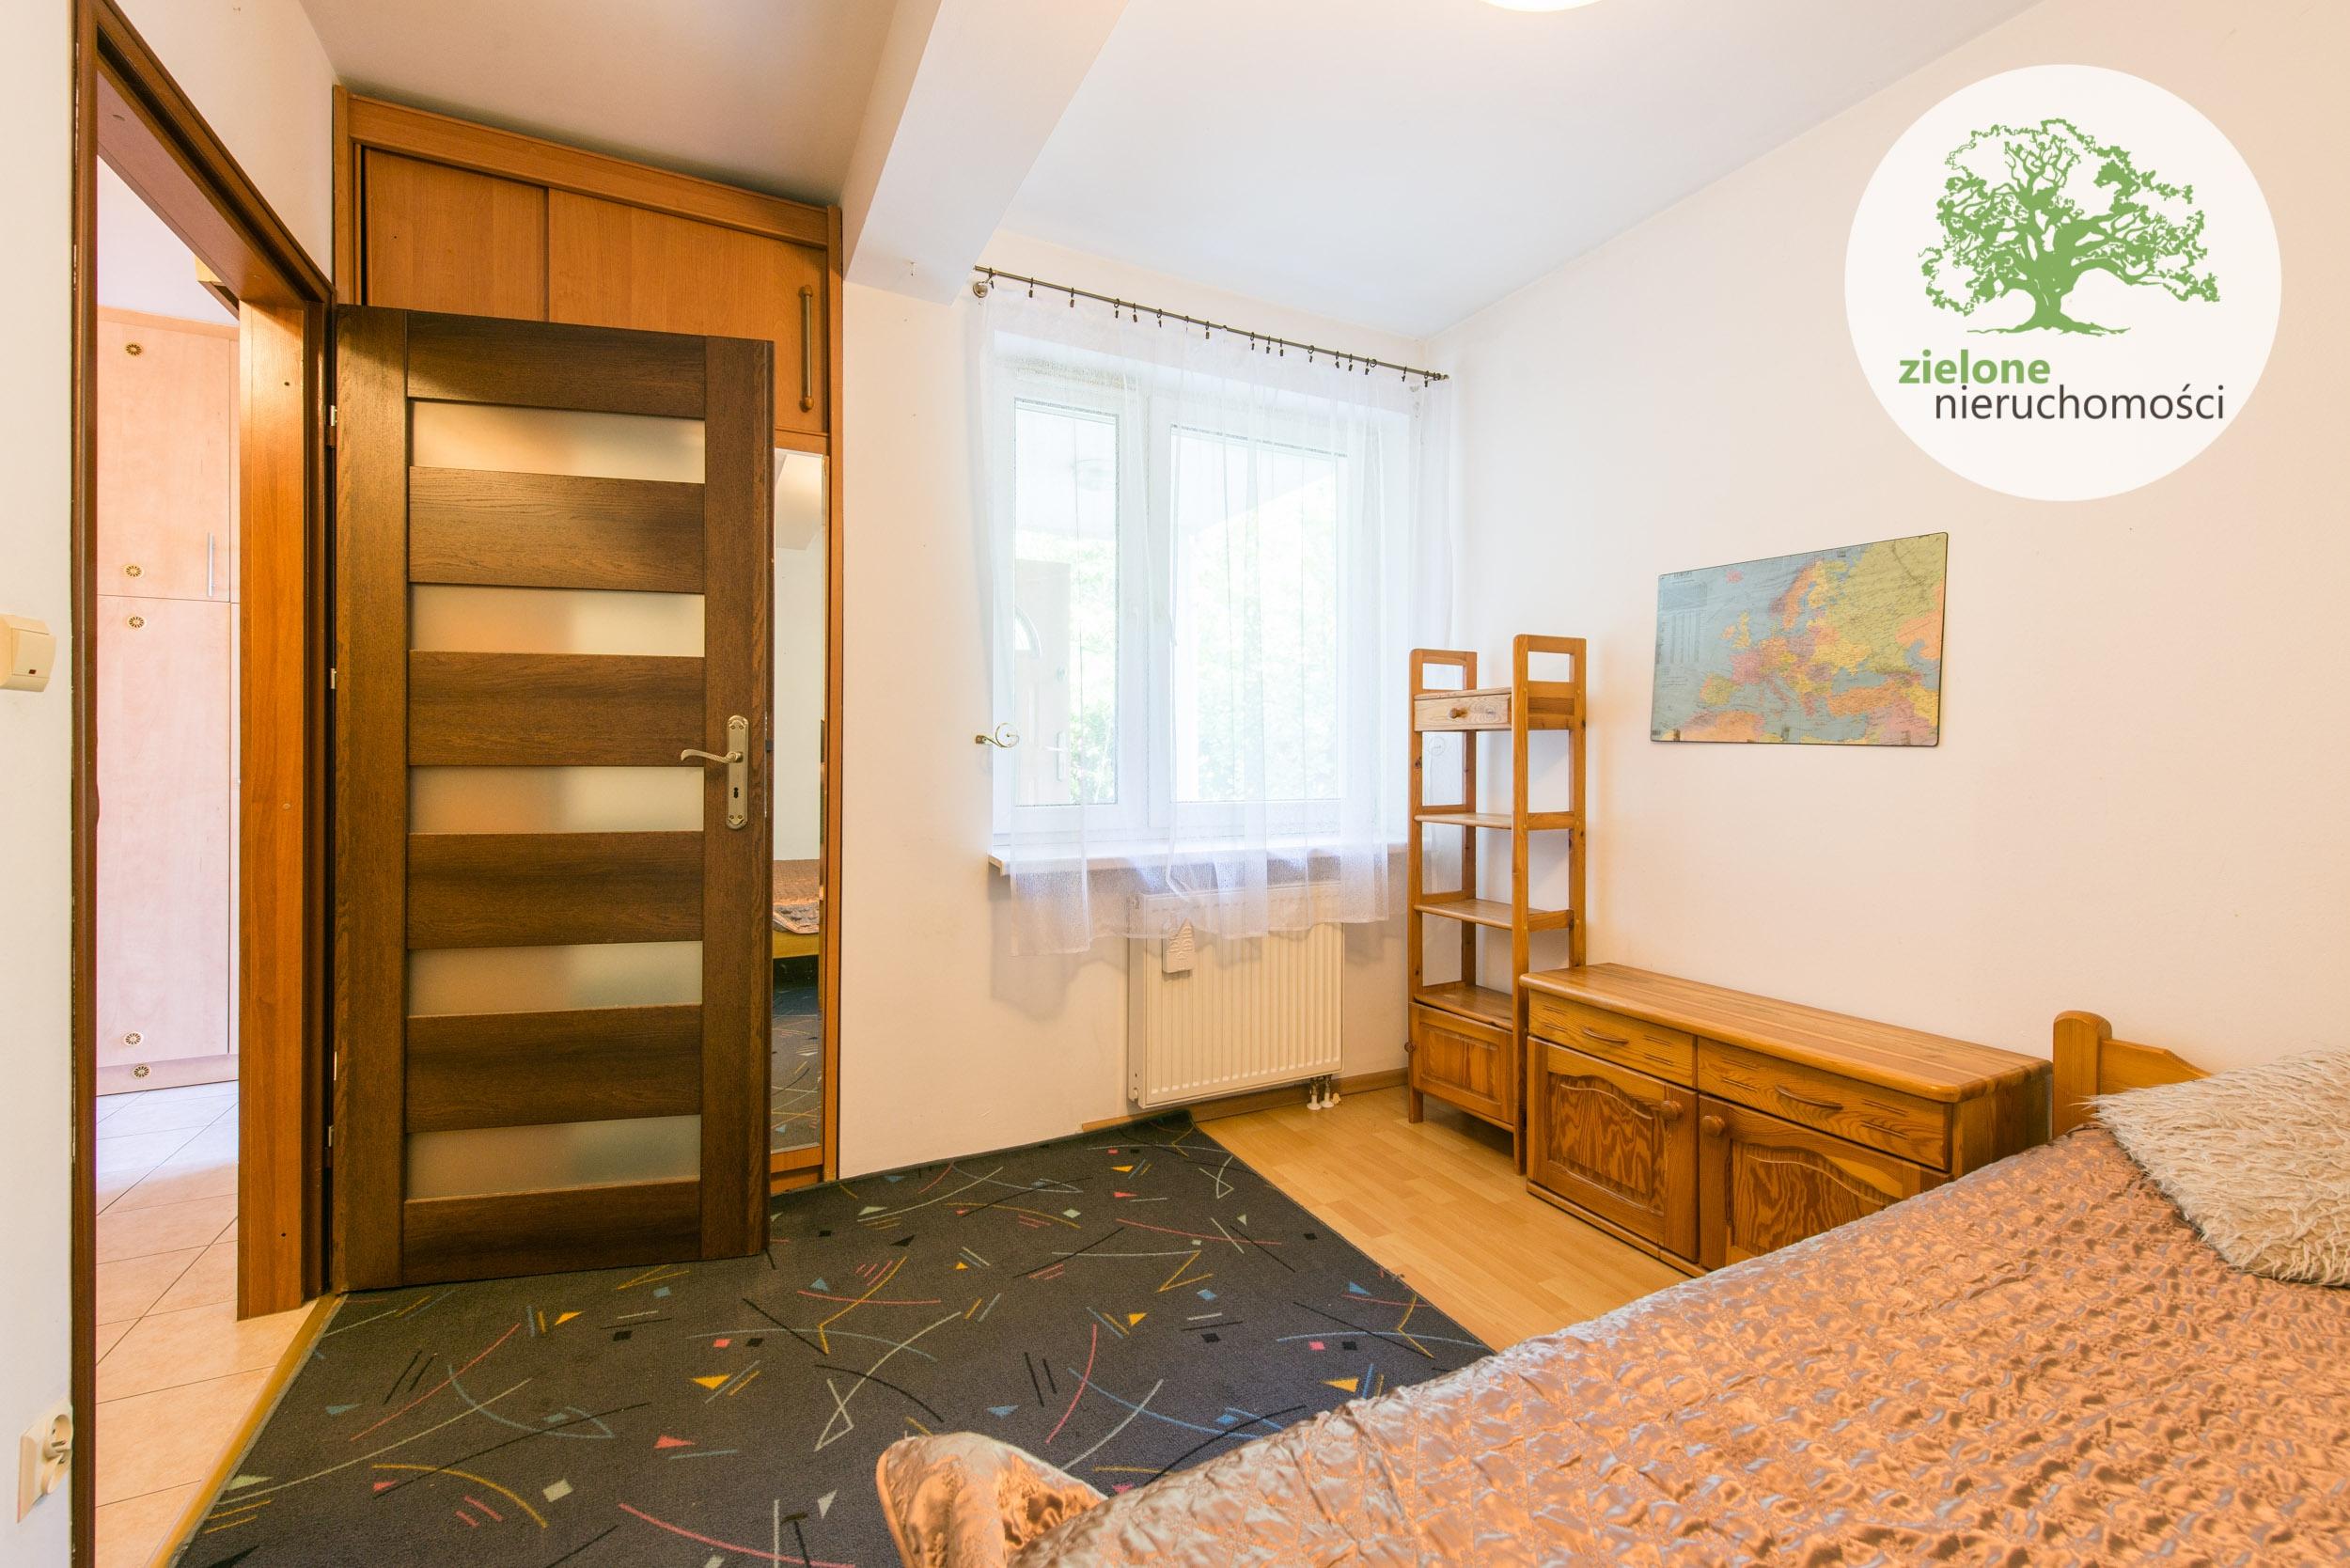 Zdjęcie 8Dwupokojowe mieszkanie na wynajem w zabudowie szeregowej